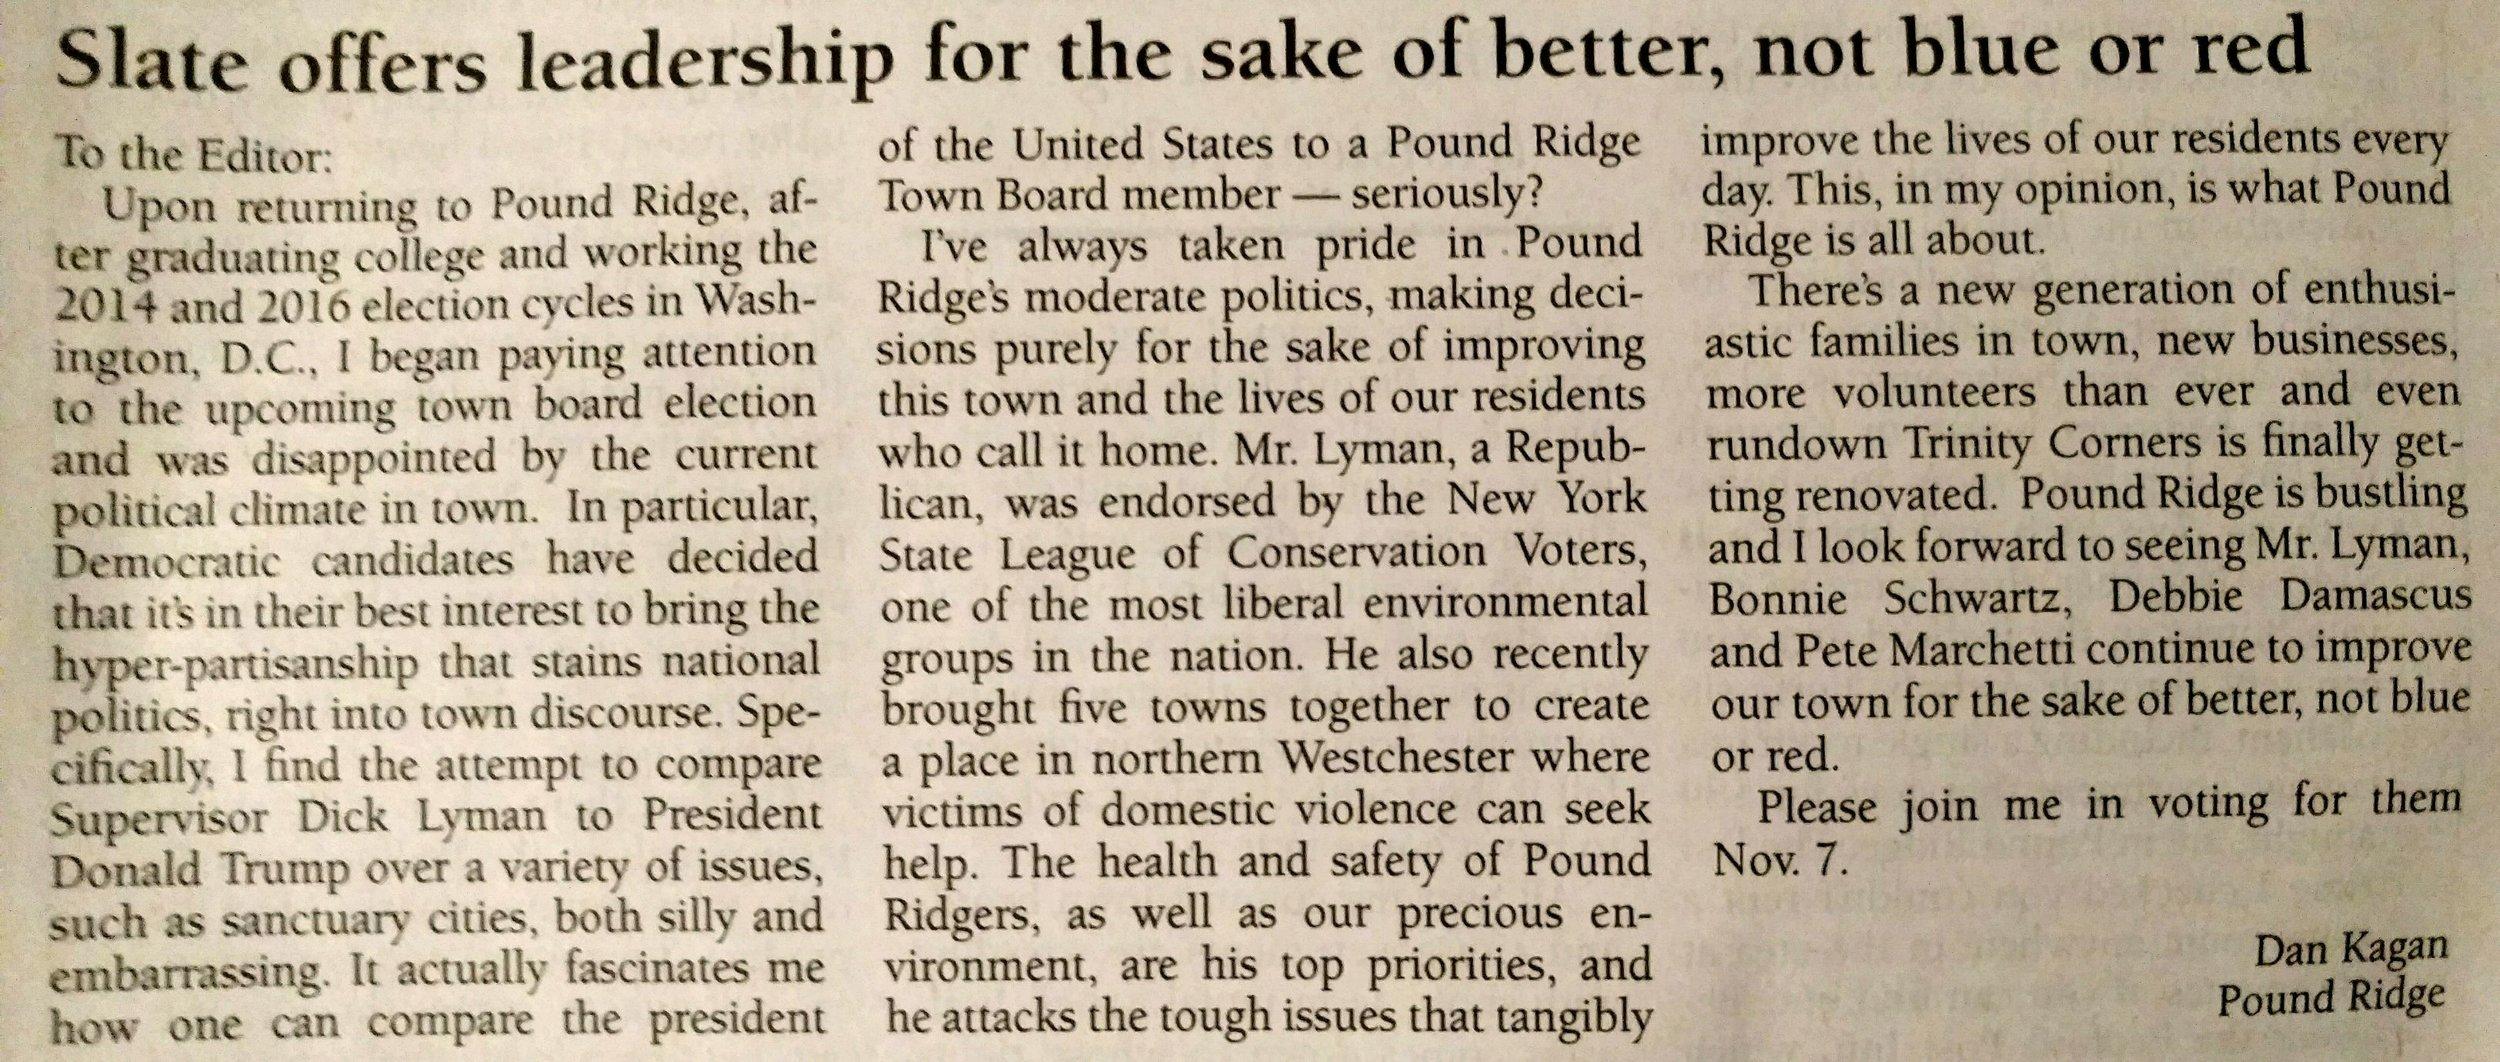 Dick Lyman endorsement -- Dan Kagan.jpg